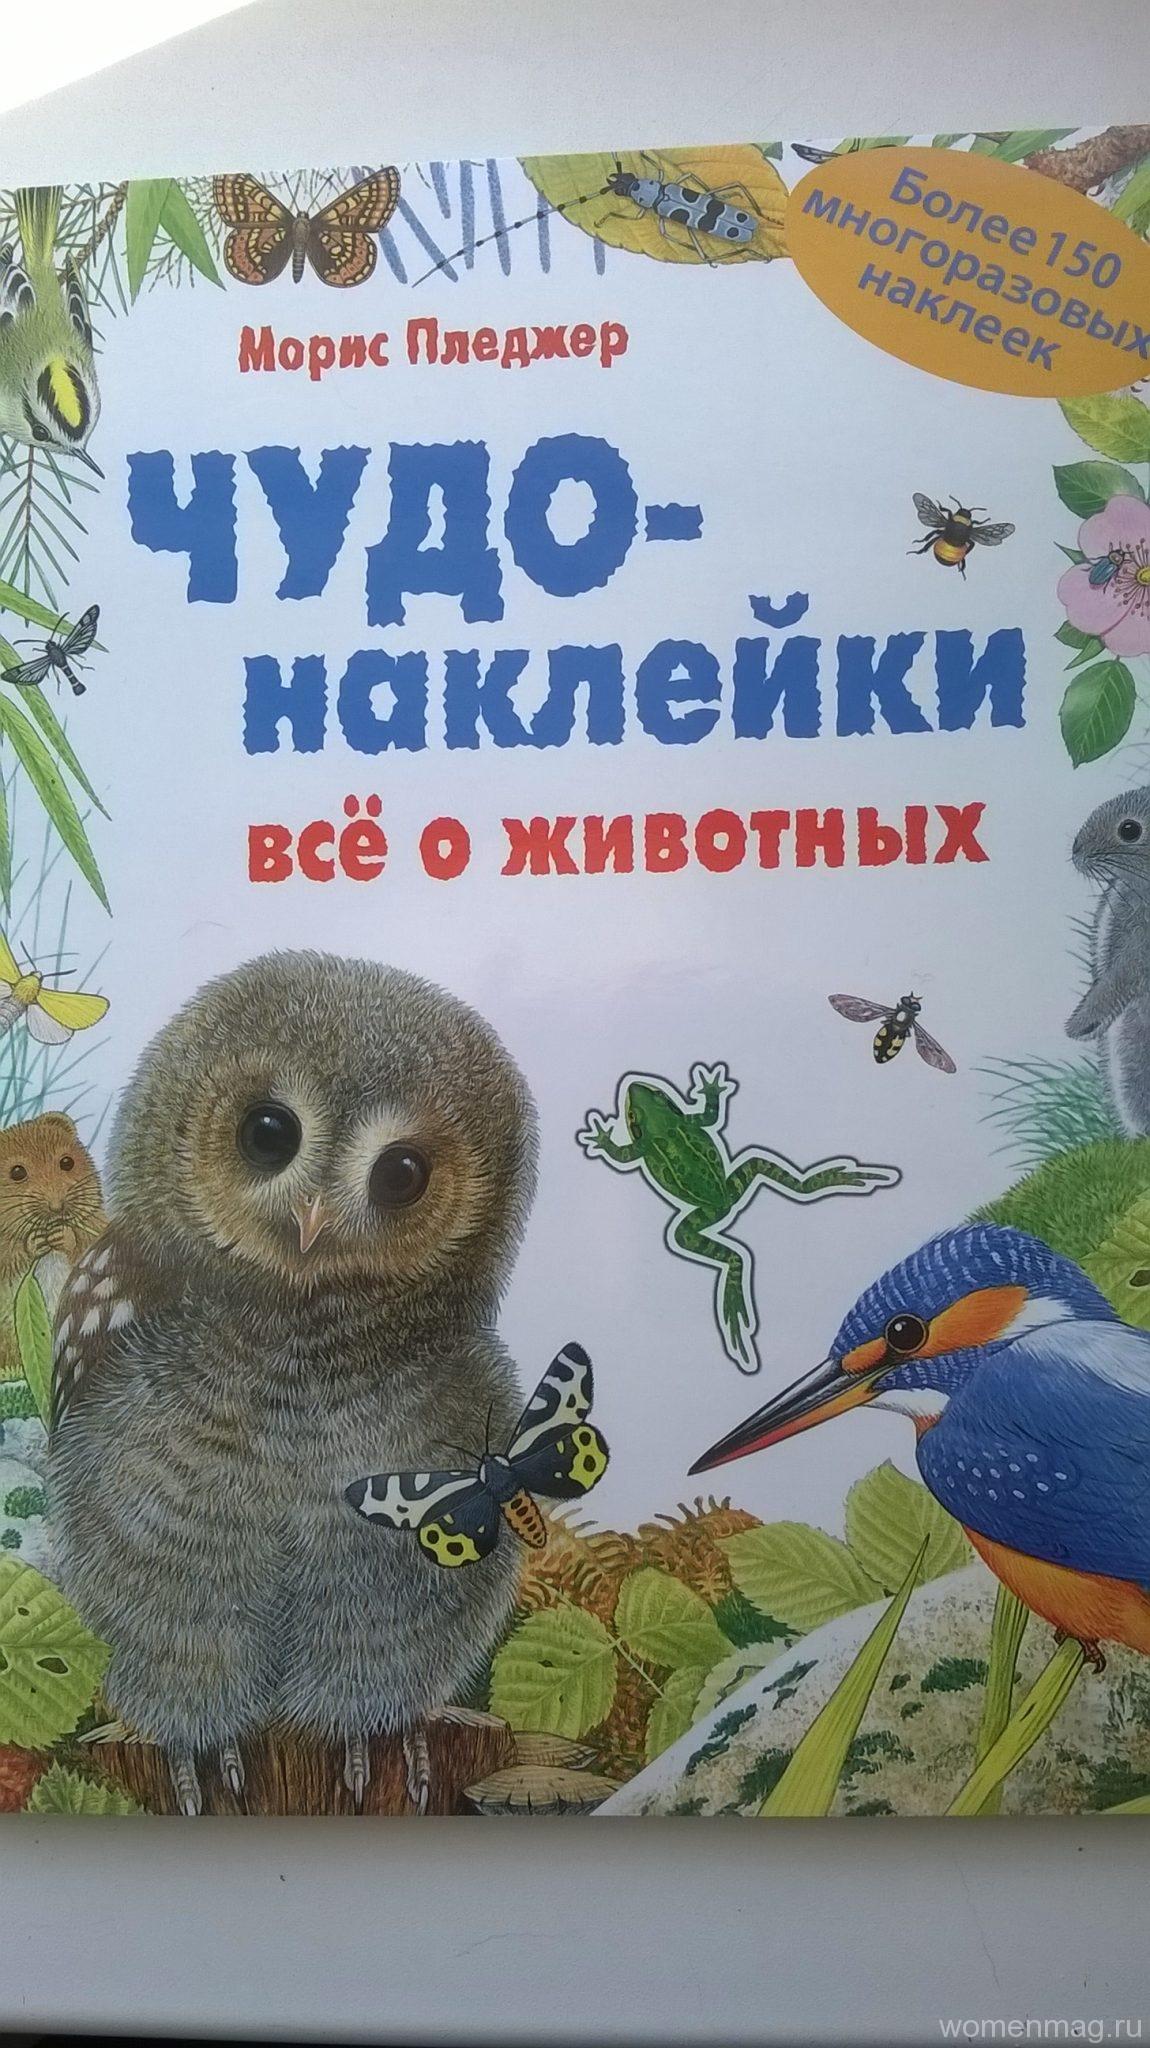 Книга Мориса Пледжера «Чудо-наклейки. Все о животных». Отзыв и впечатления